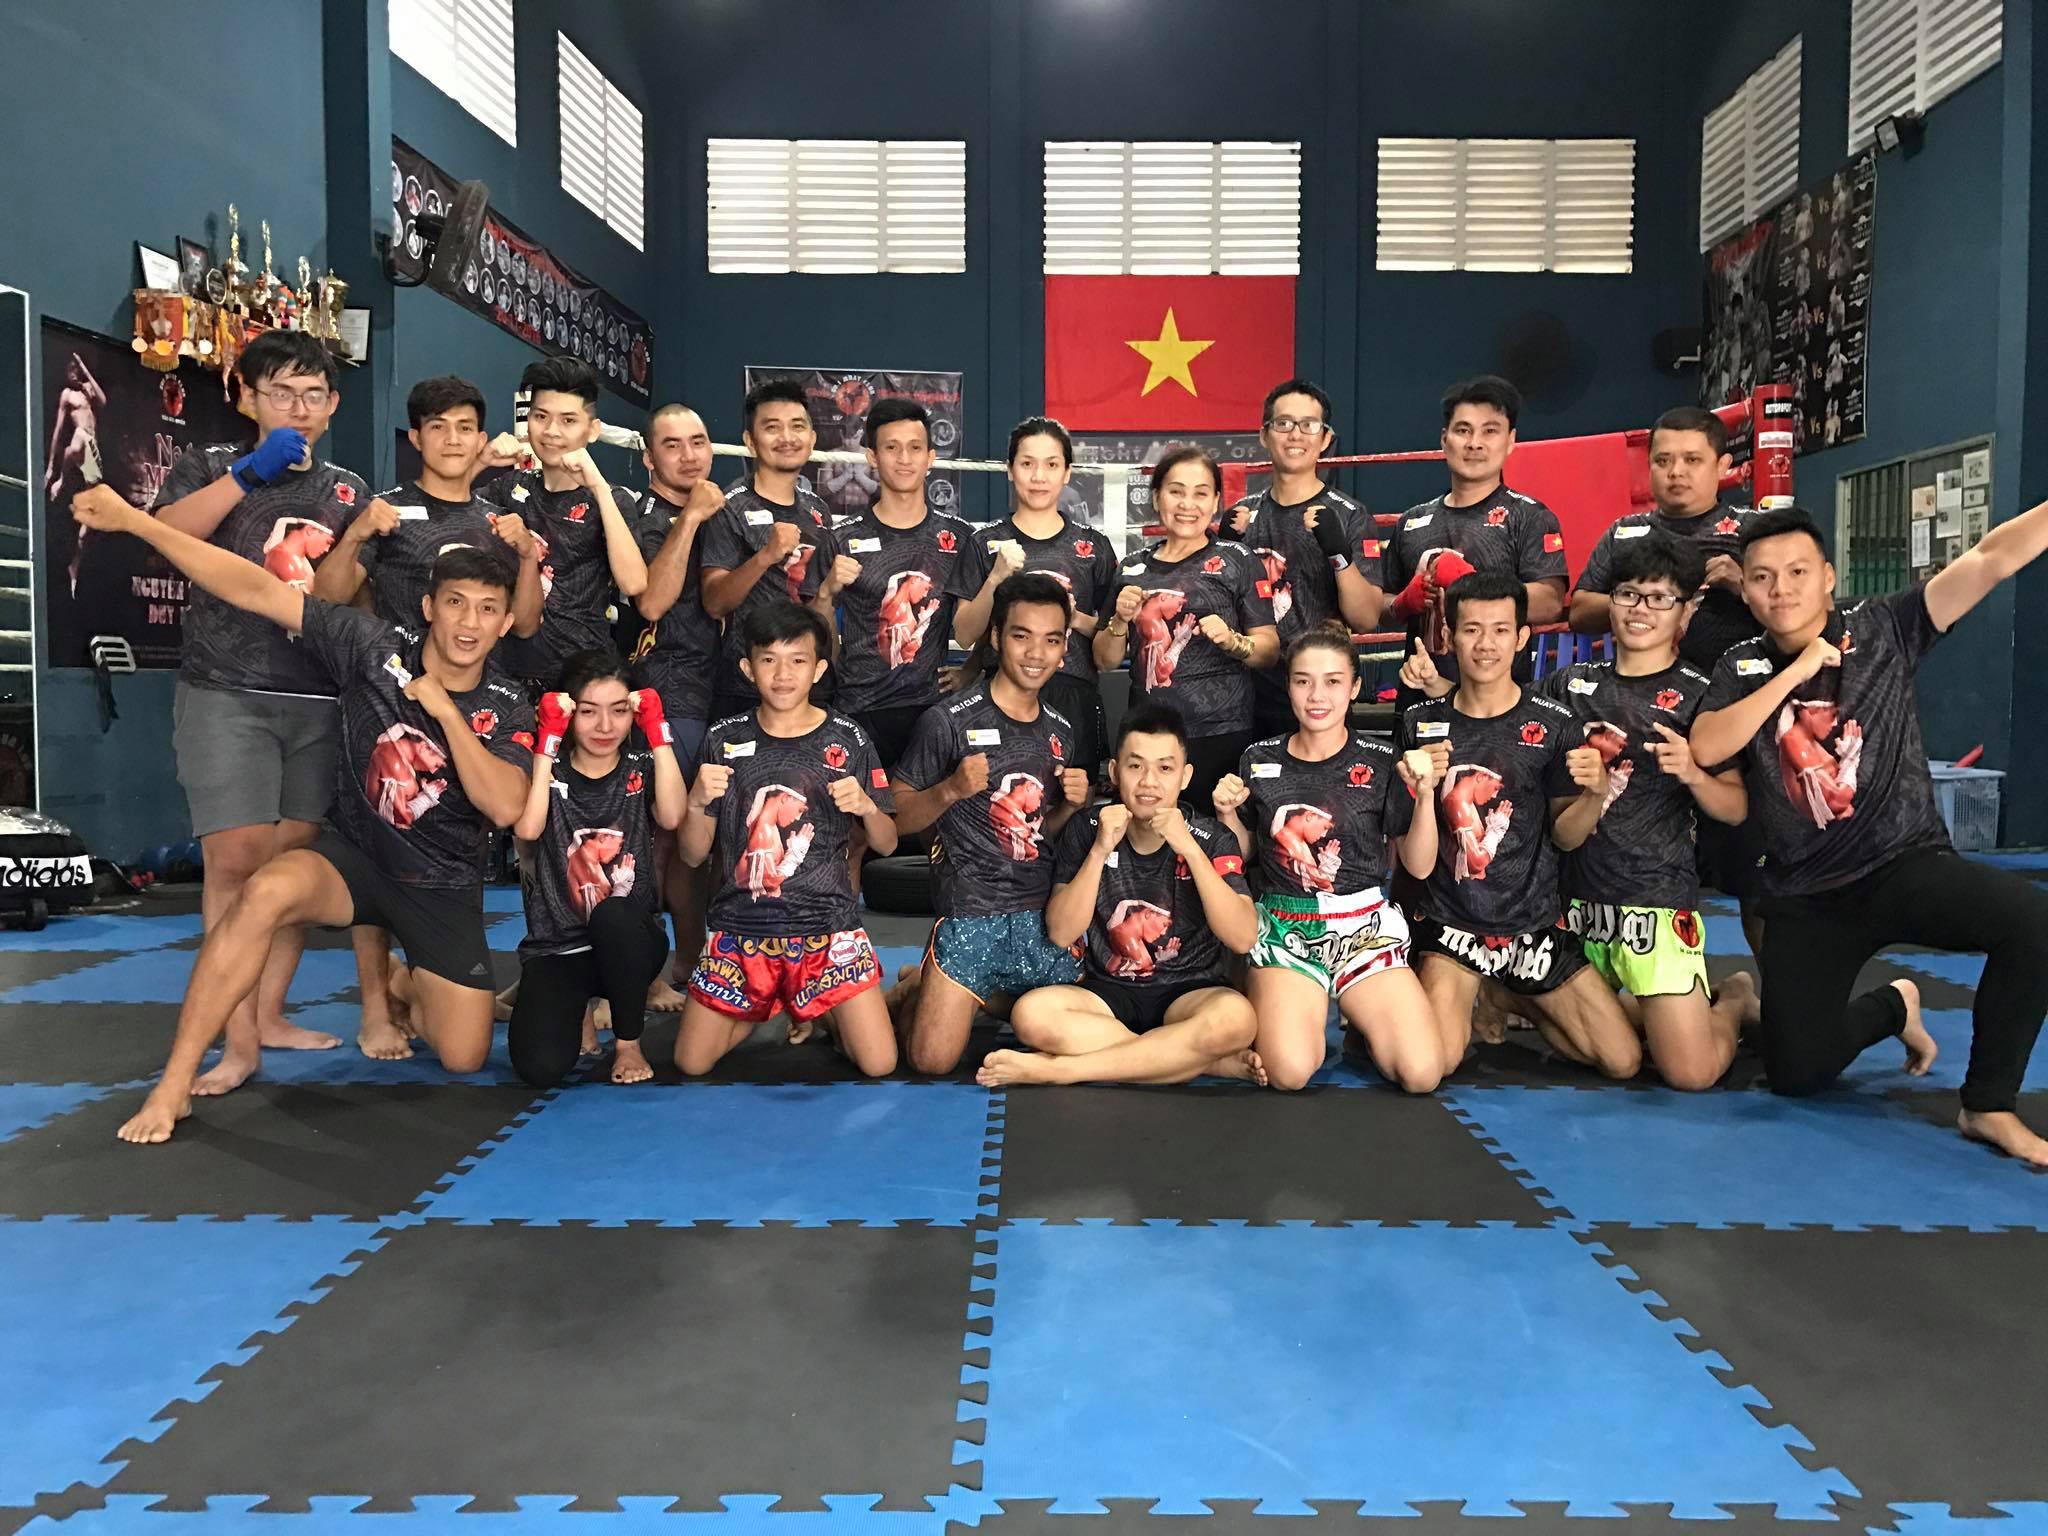 Hiện các CLB của Duy Nhất có đến hàng trăm võ sĩ theo học tập và rèn luyện.